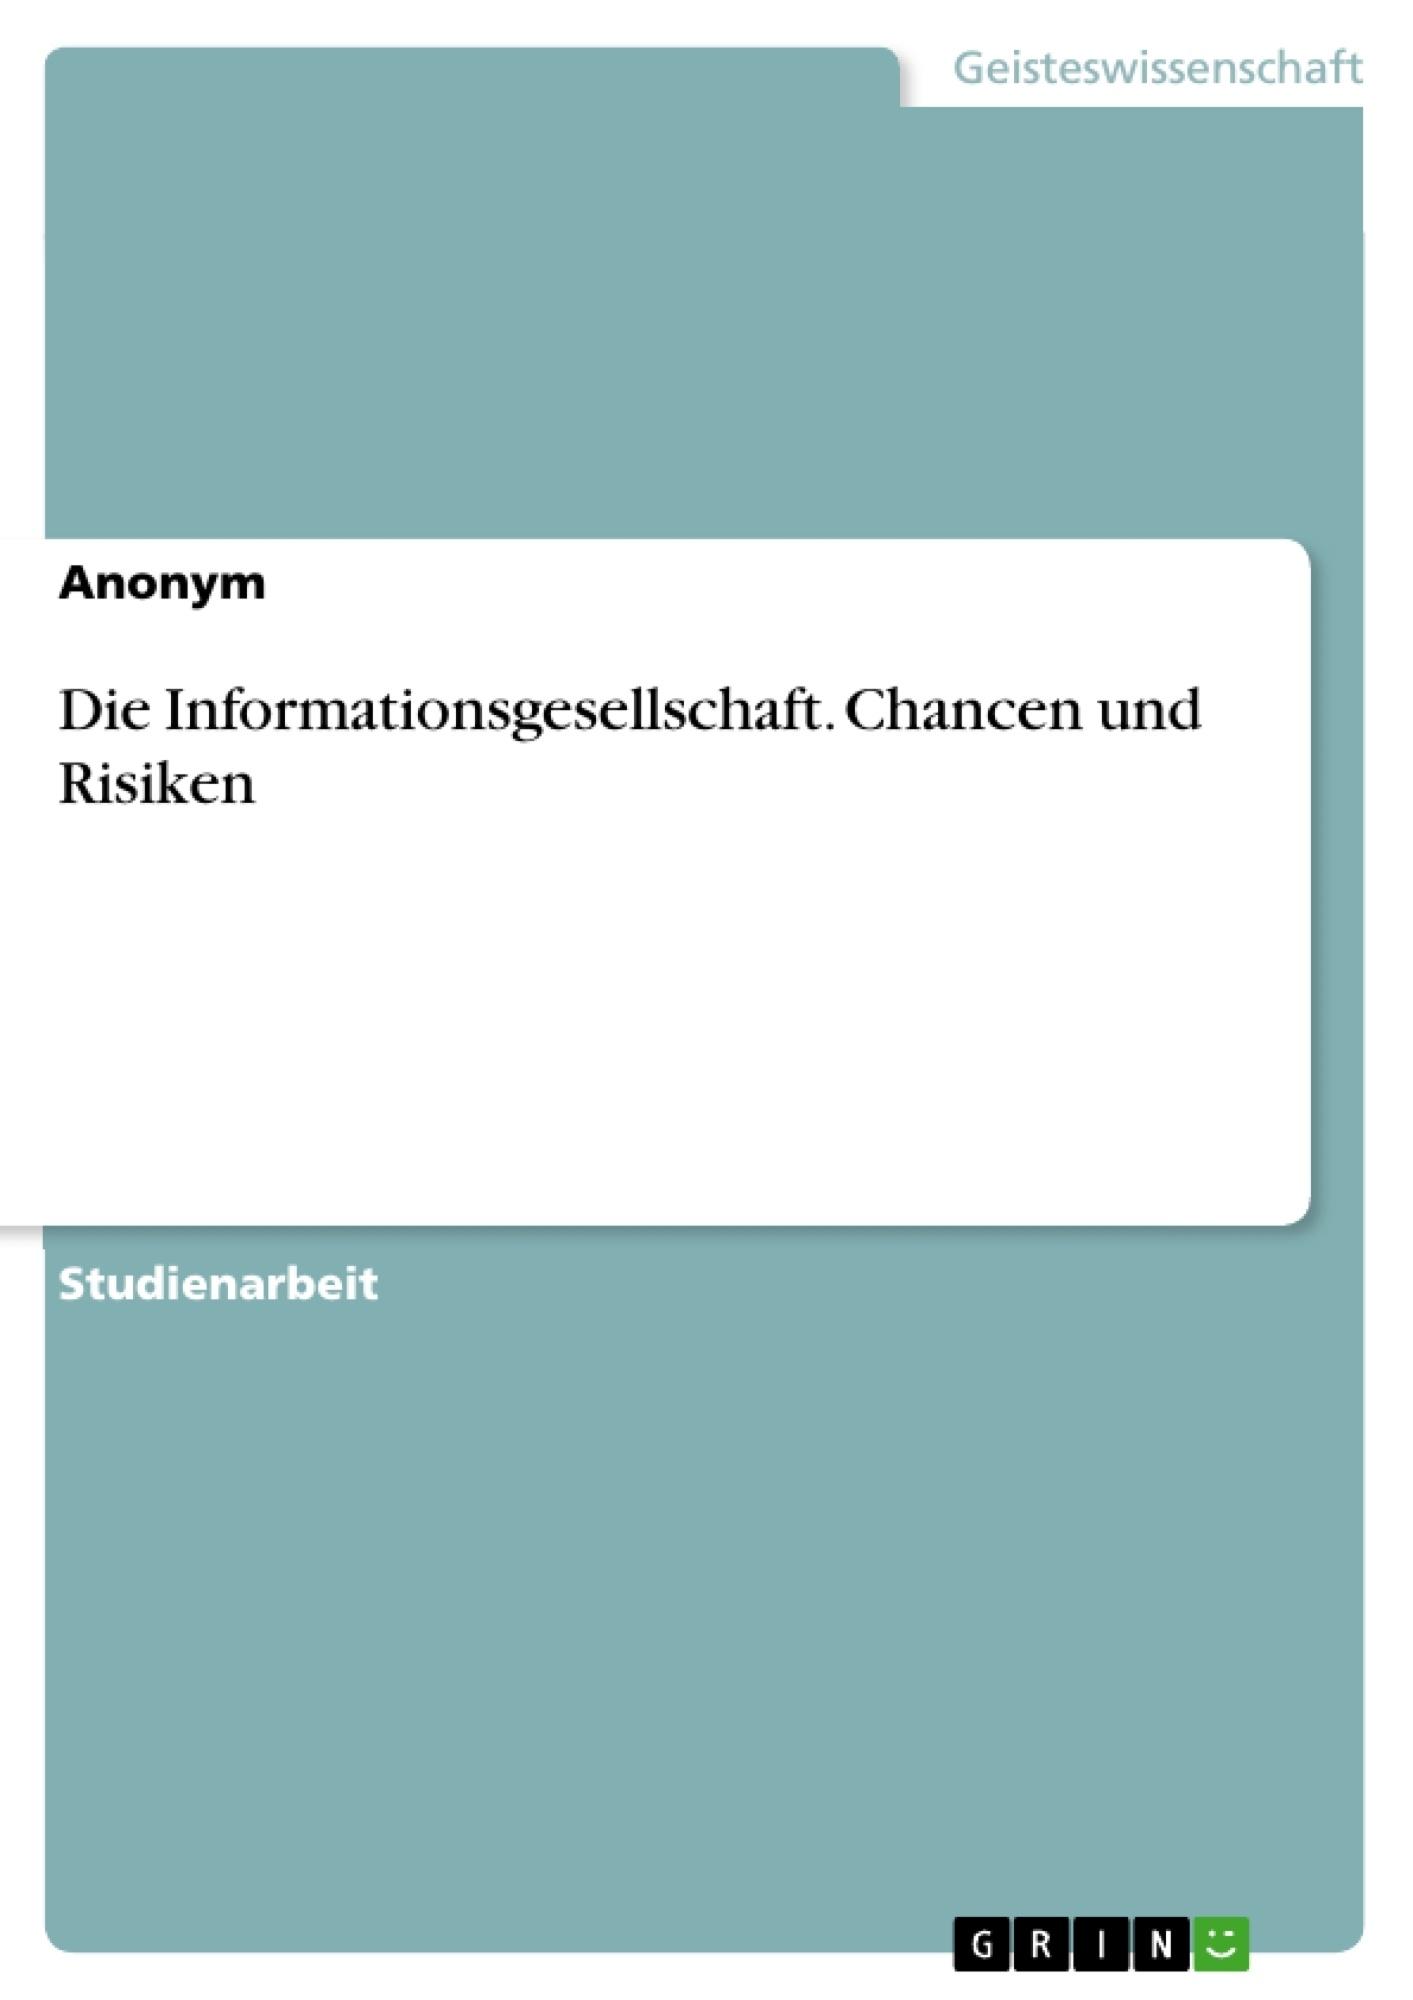 Titel: Die Informationsgesellschaft. Chancen und Risiken